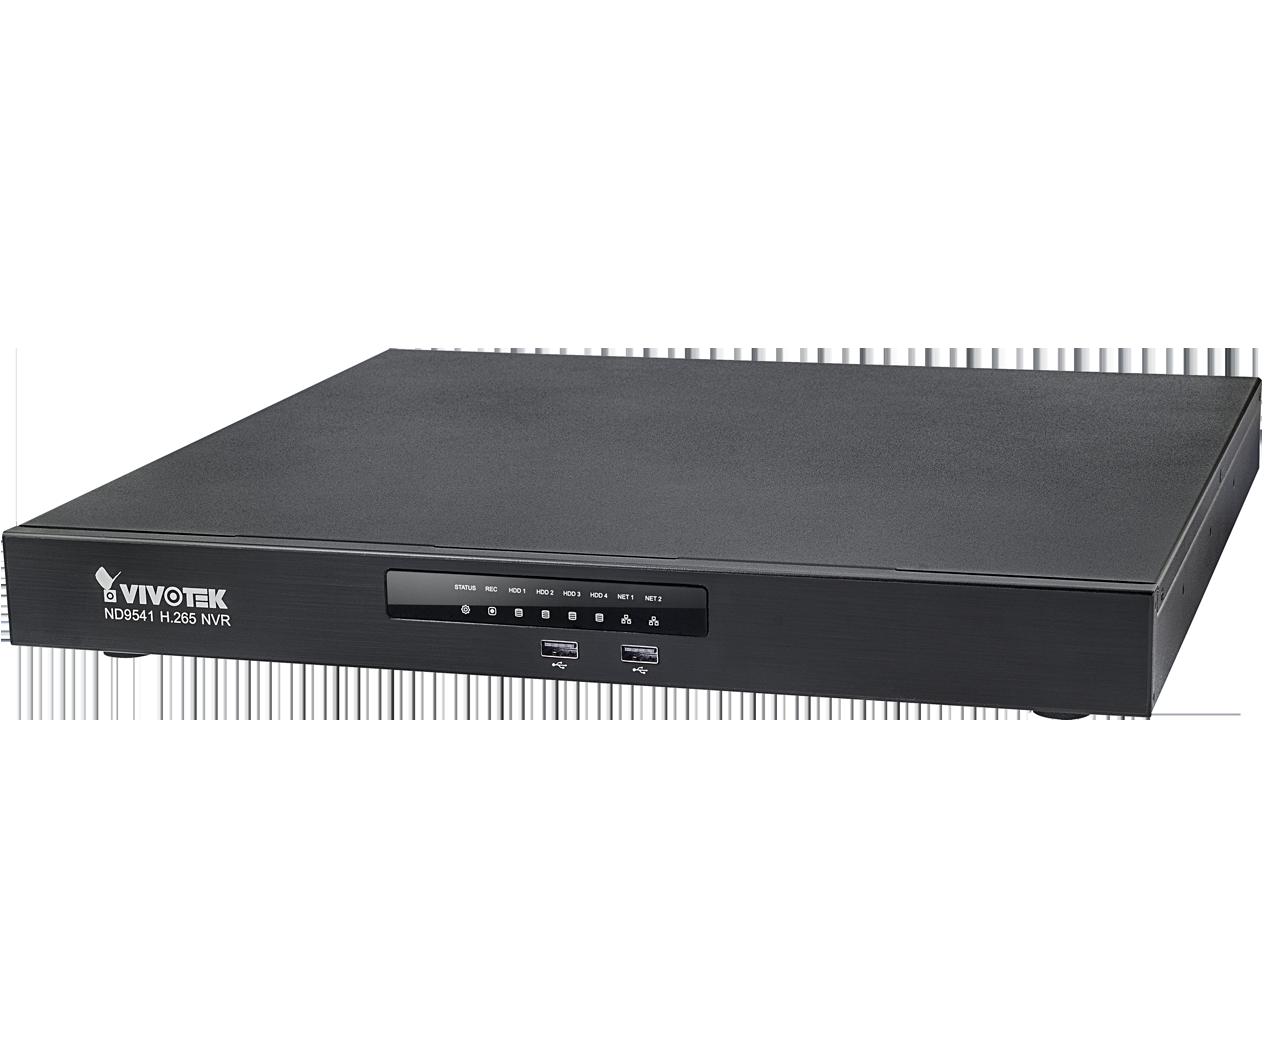 ND9541 H.265 32-CH Embedded NVR